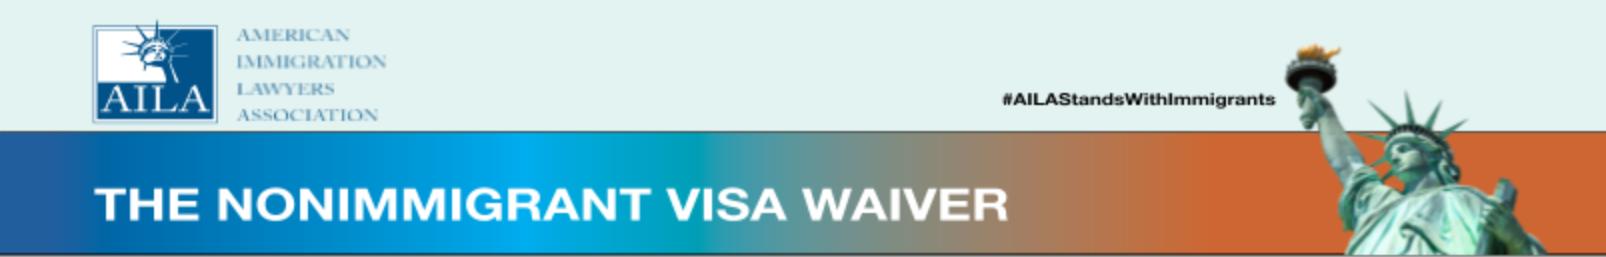 """Encabezado de AILA """"La exención de visa de no inmigrante"""""""